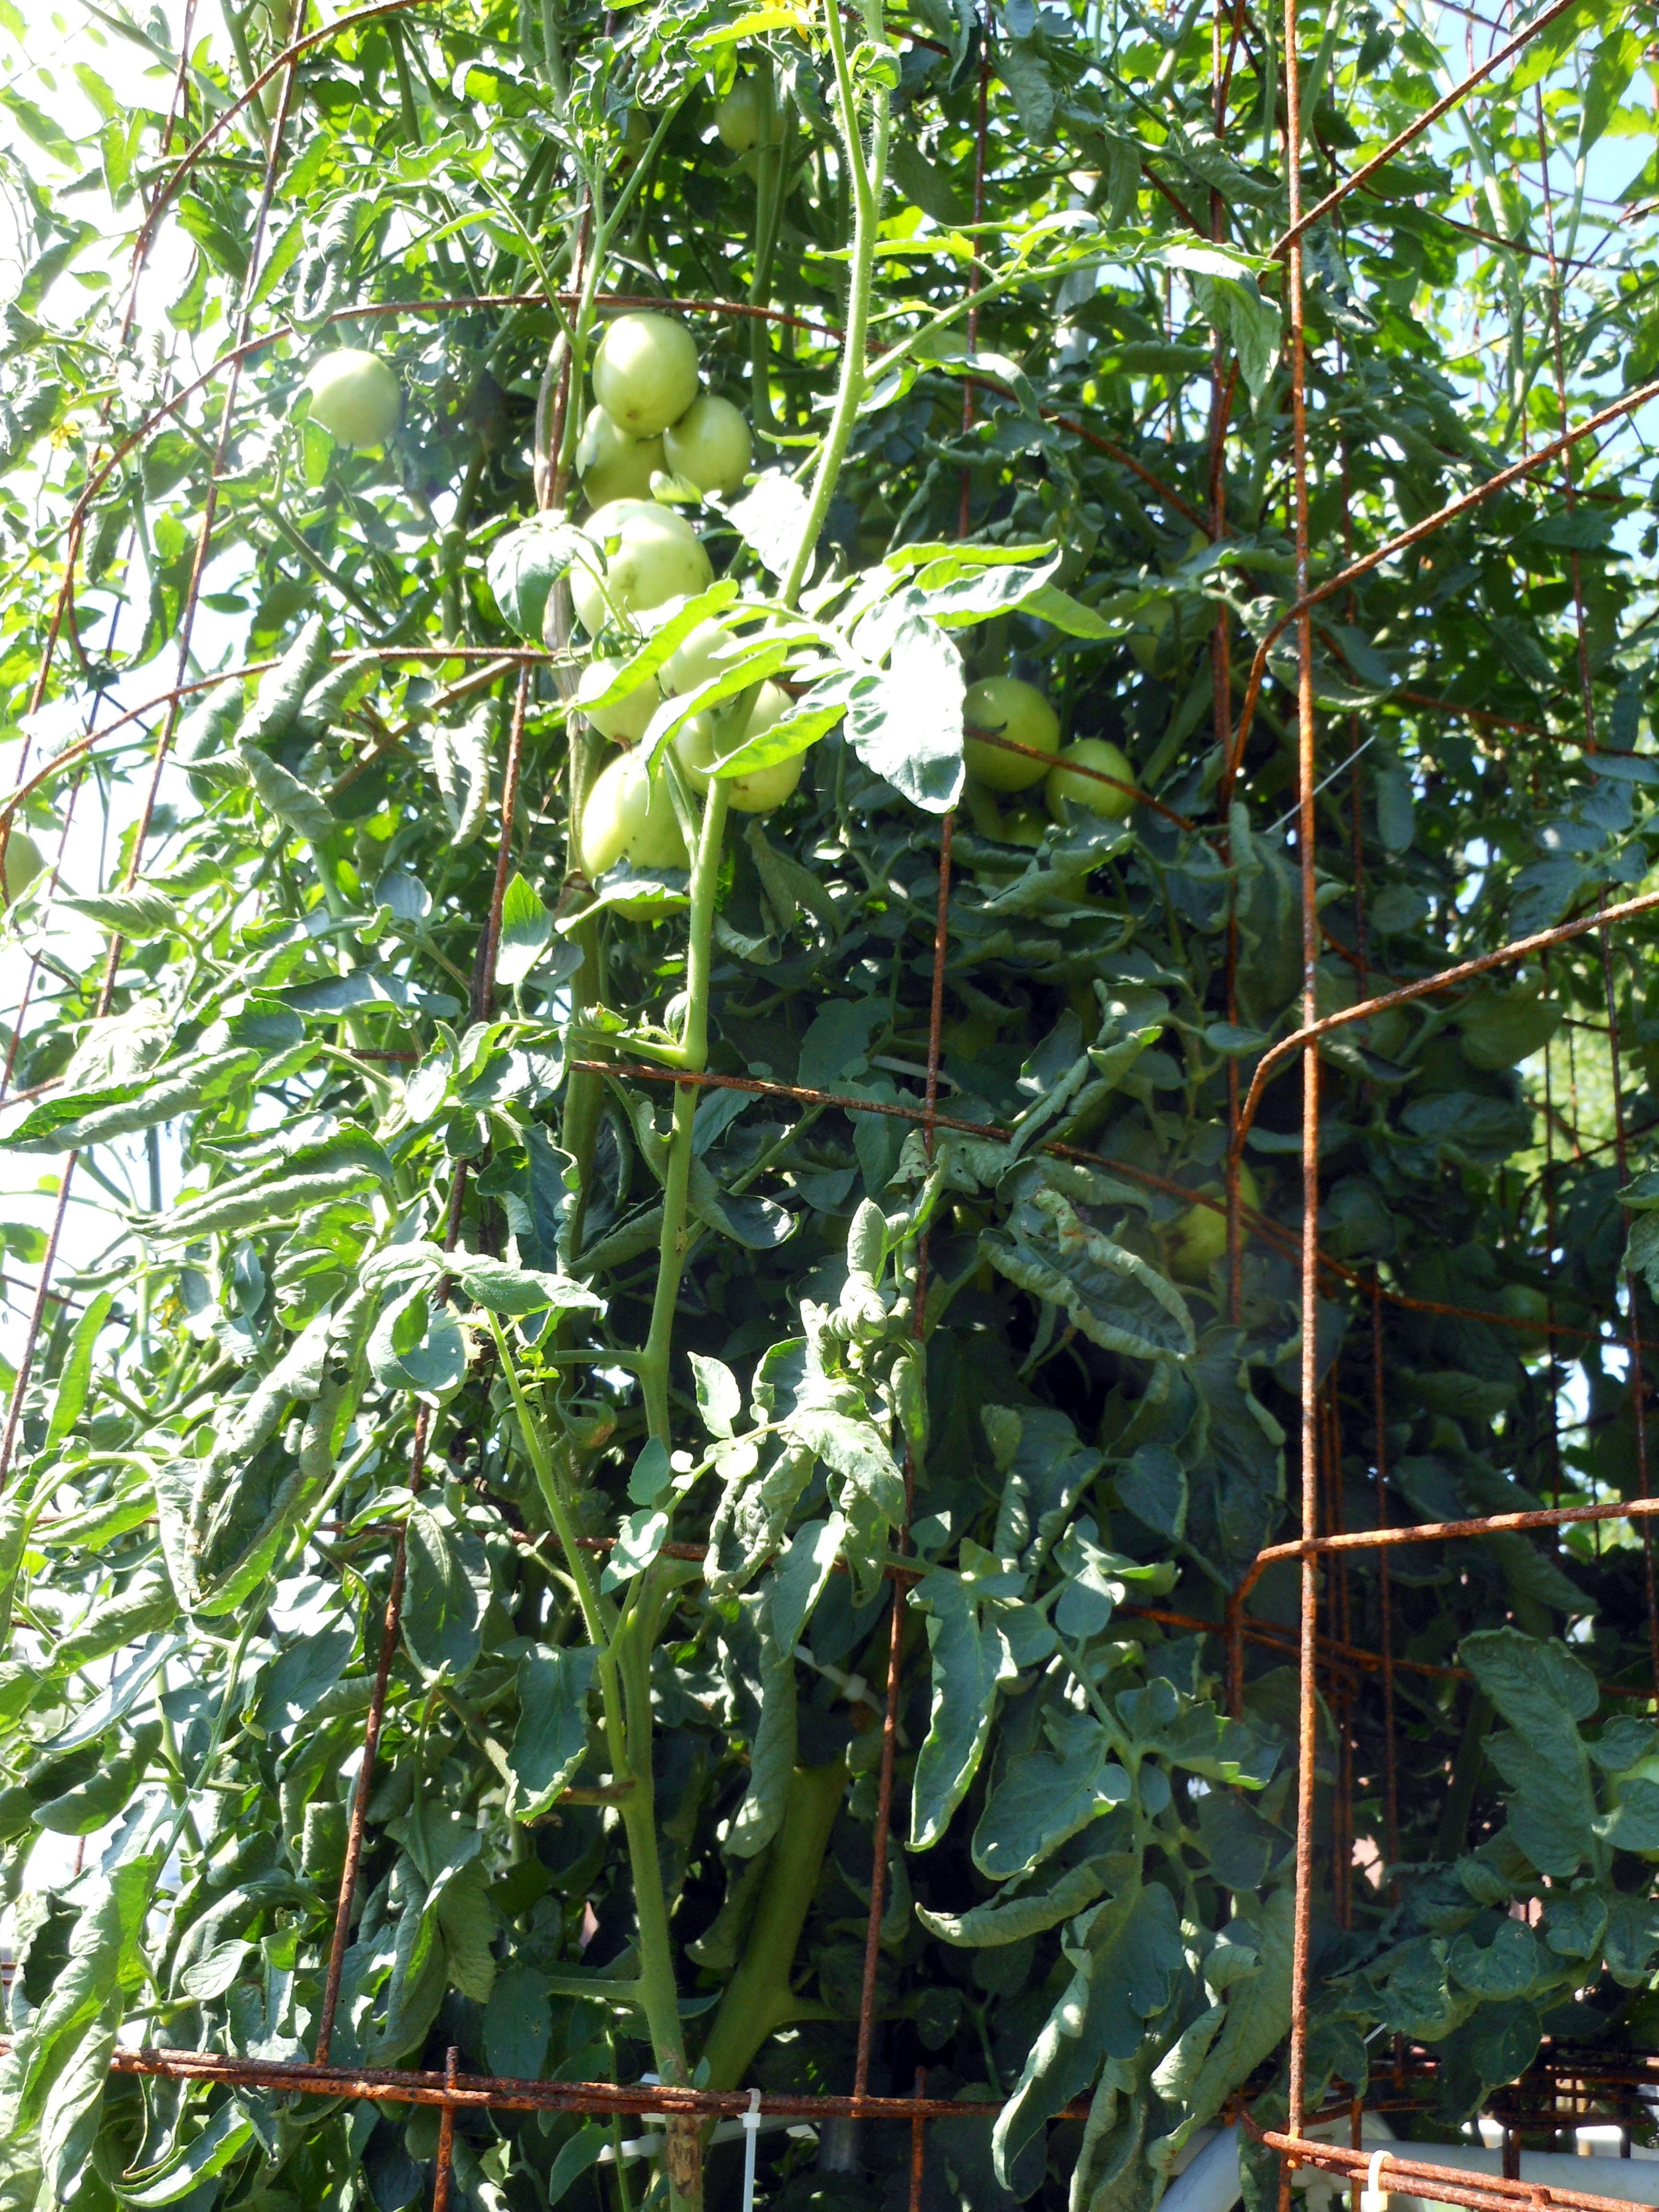 07-30-2016 Tomato Plants St Pauls L 12